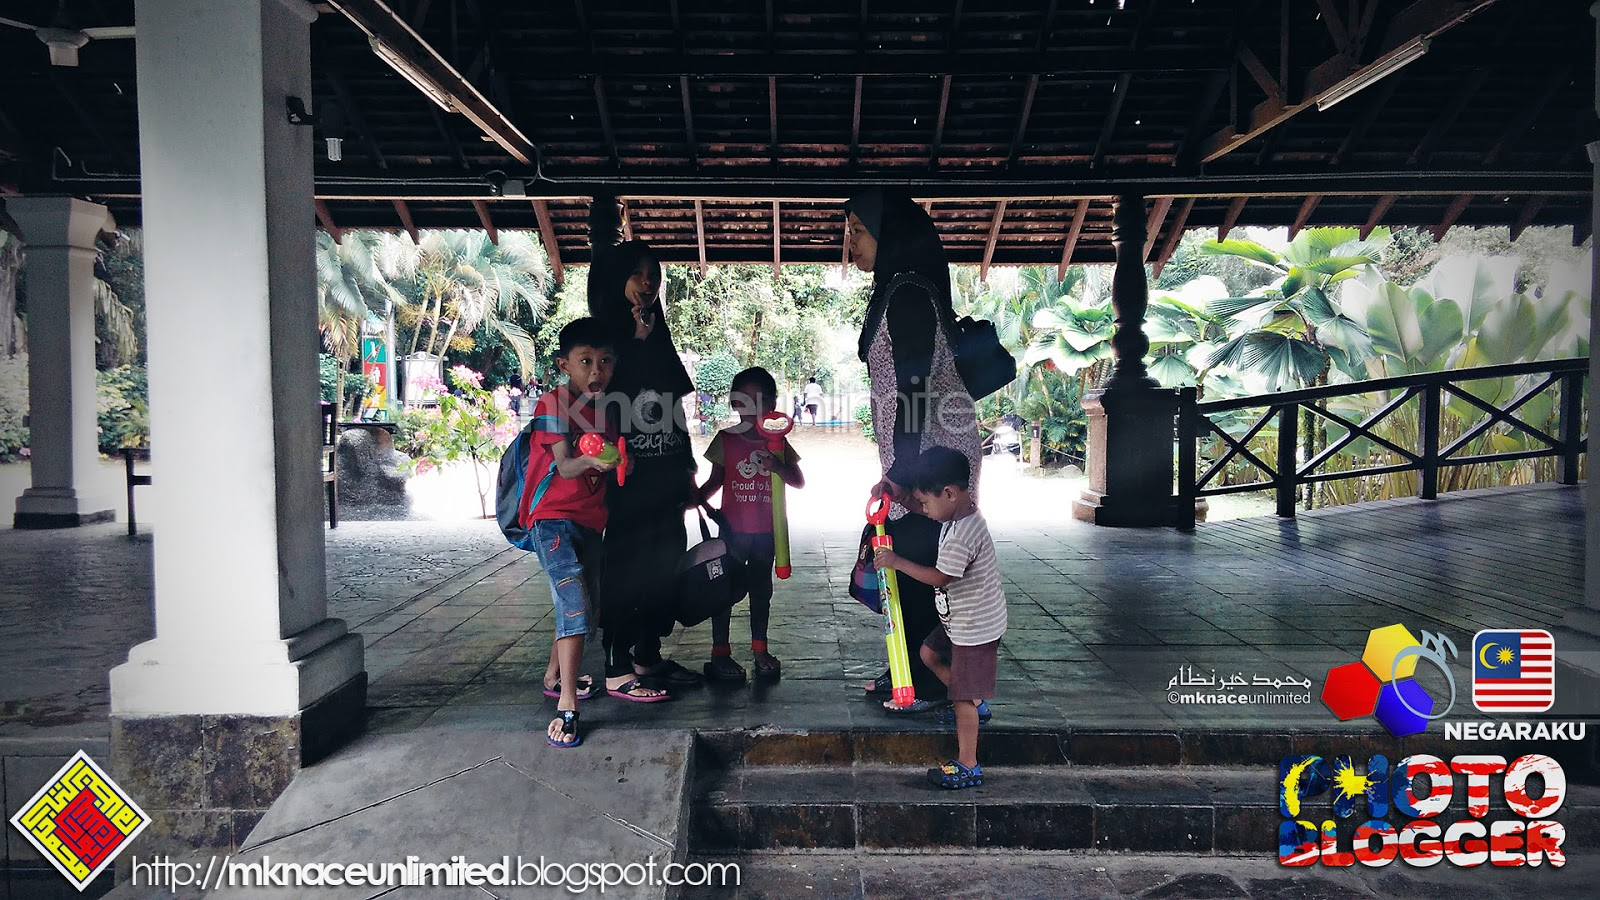 Yok Jenjalan Kolam Rekreasi Air Hutan Bandar Mbjb Mknace Bendera Merah Putih Plastik Flag Palstik Posing Sedas